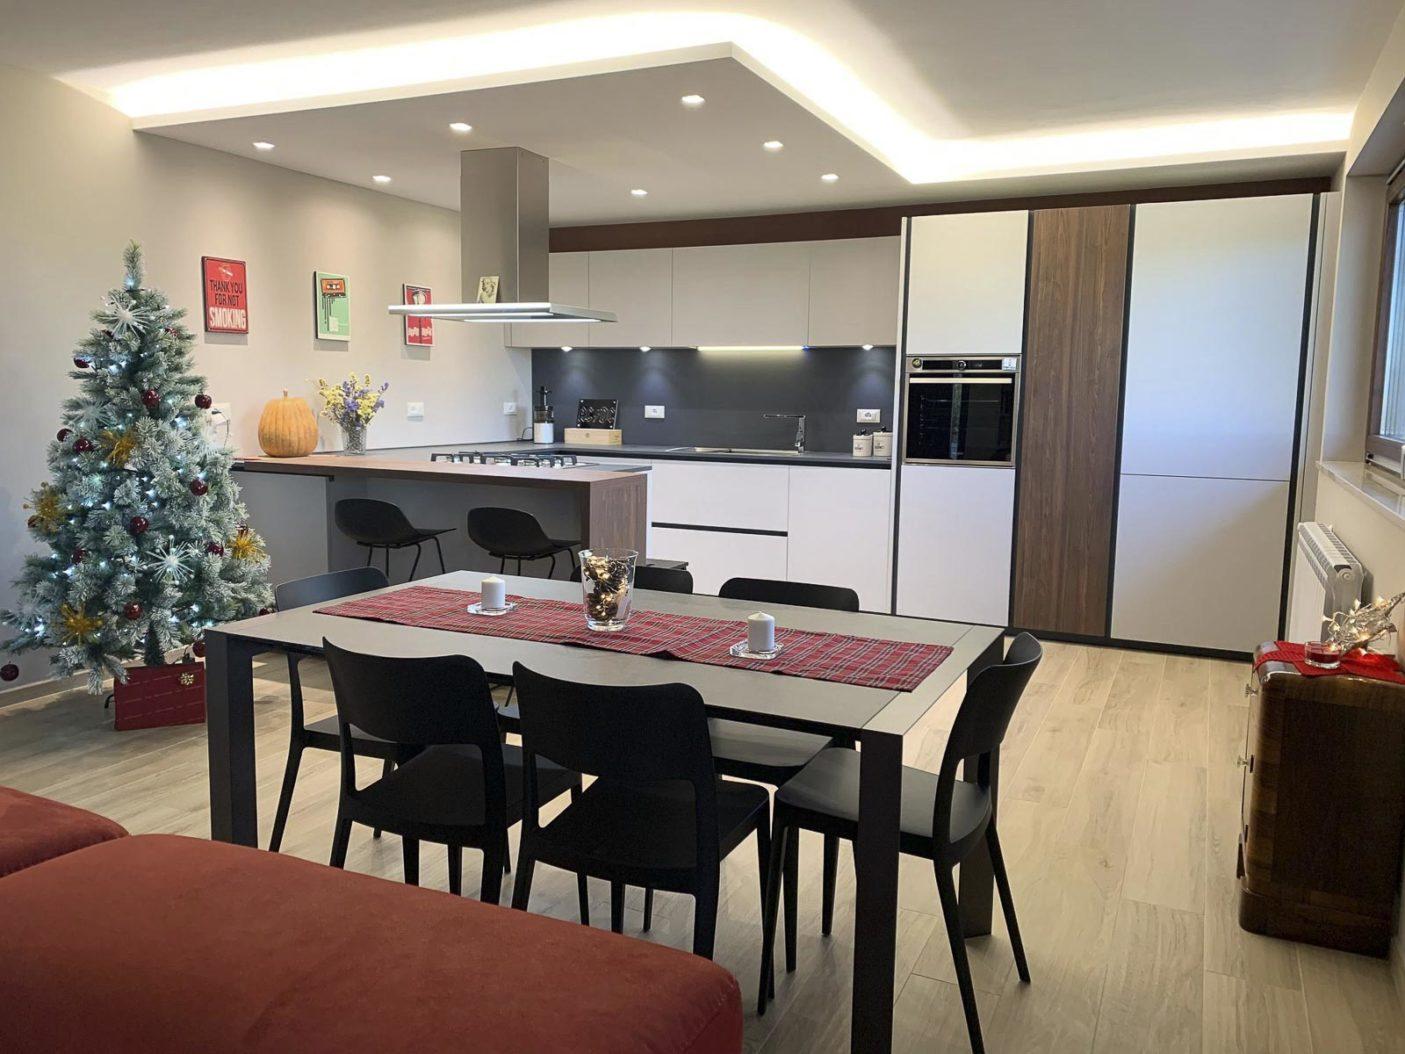 Cucina-Creo-e-Interior-Design-Zona-Living2.jpg